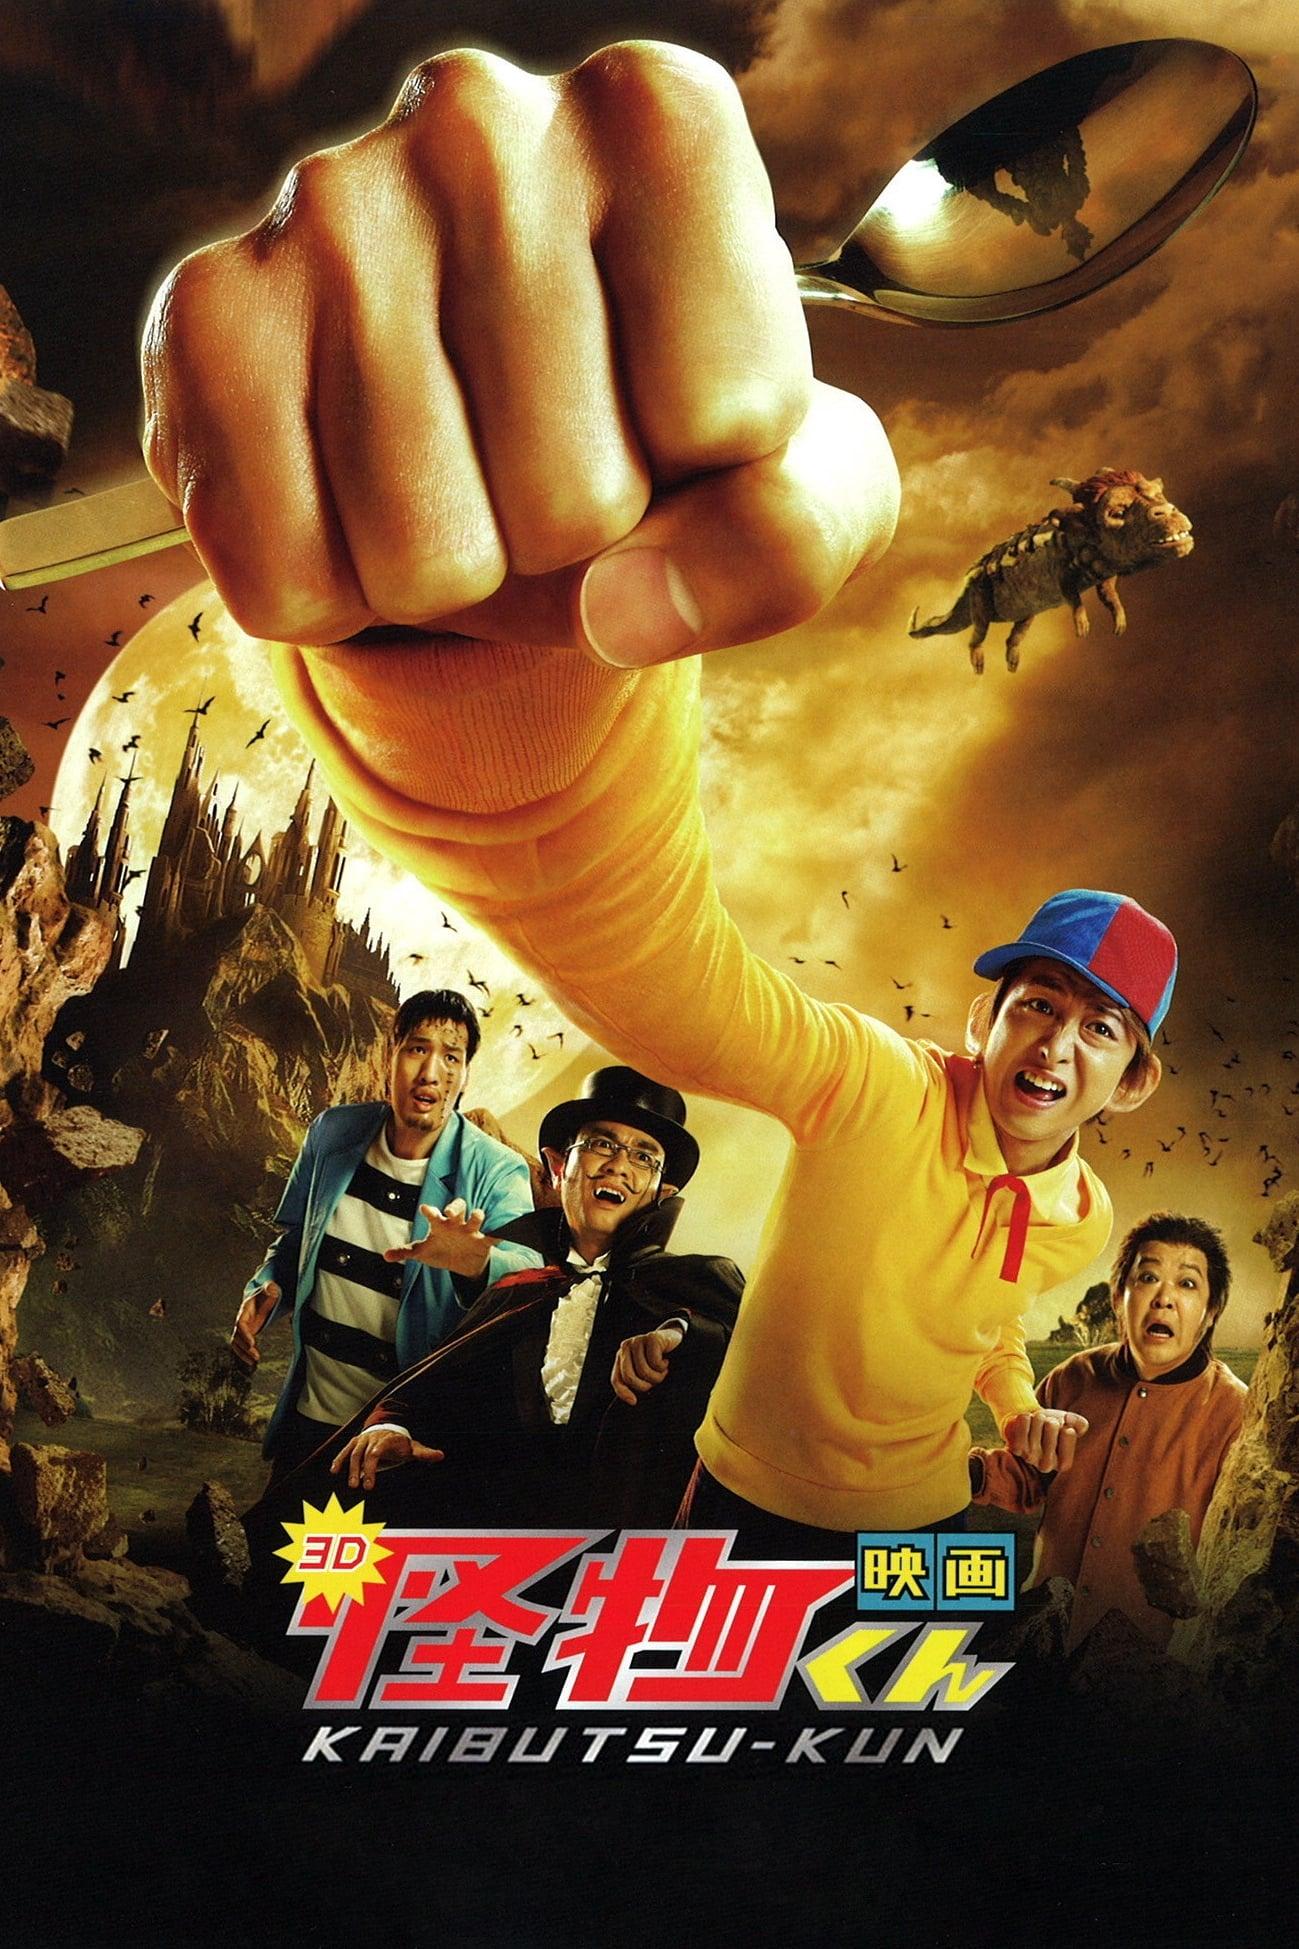 Kaibutsu-kun: The Movie